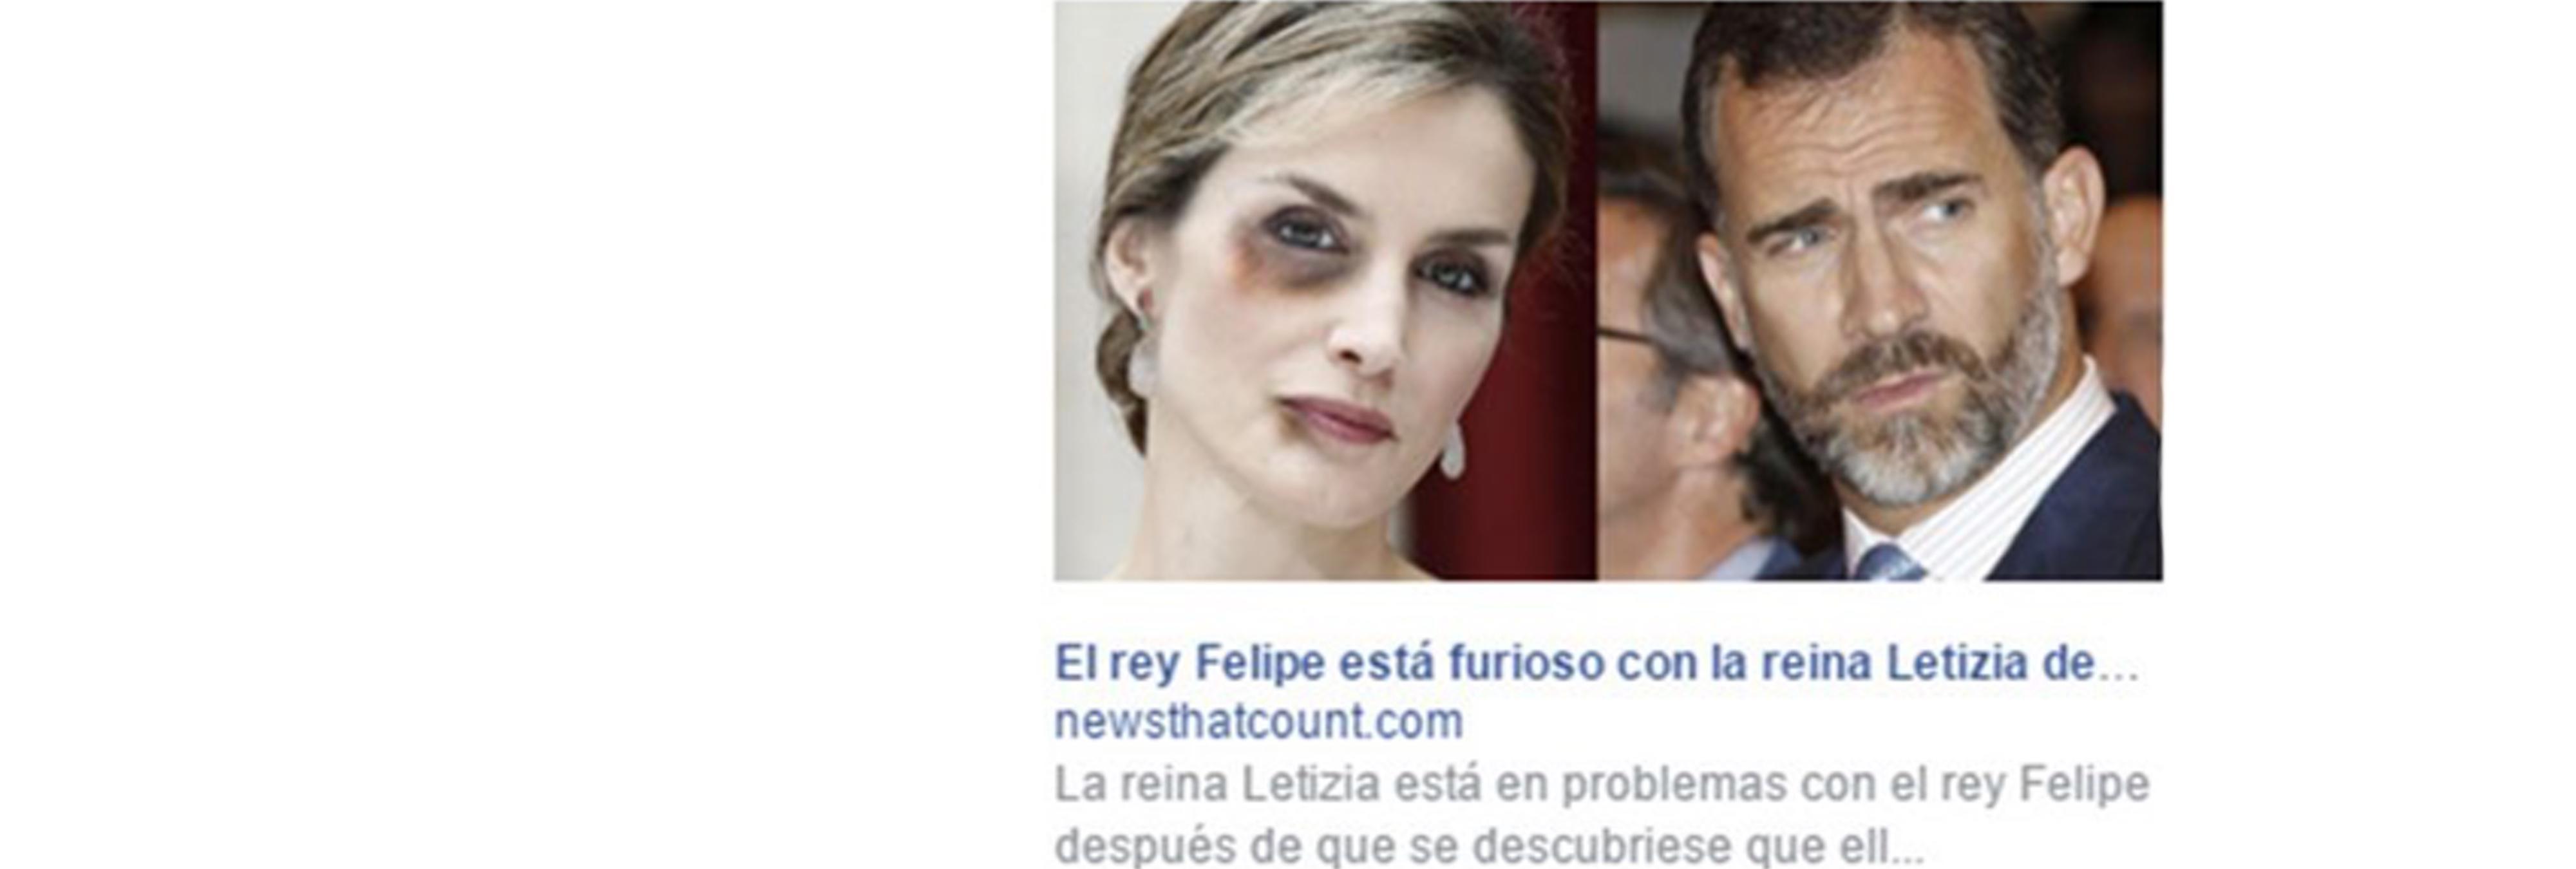 Insinúan que el Rey Felipe golpea a su mujer para vender productos adelgazantes